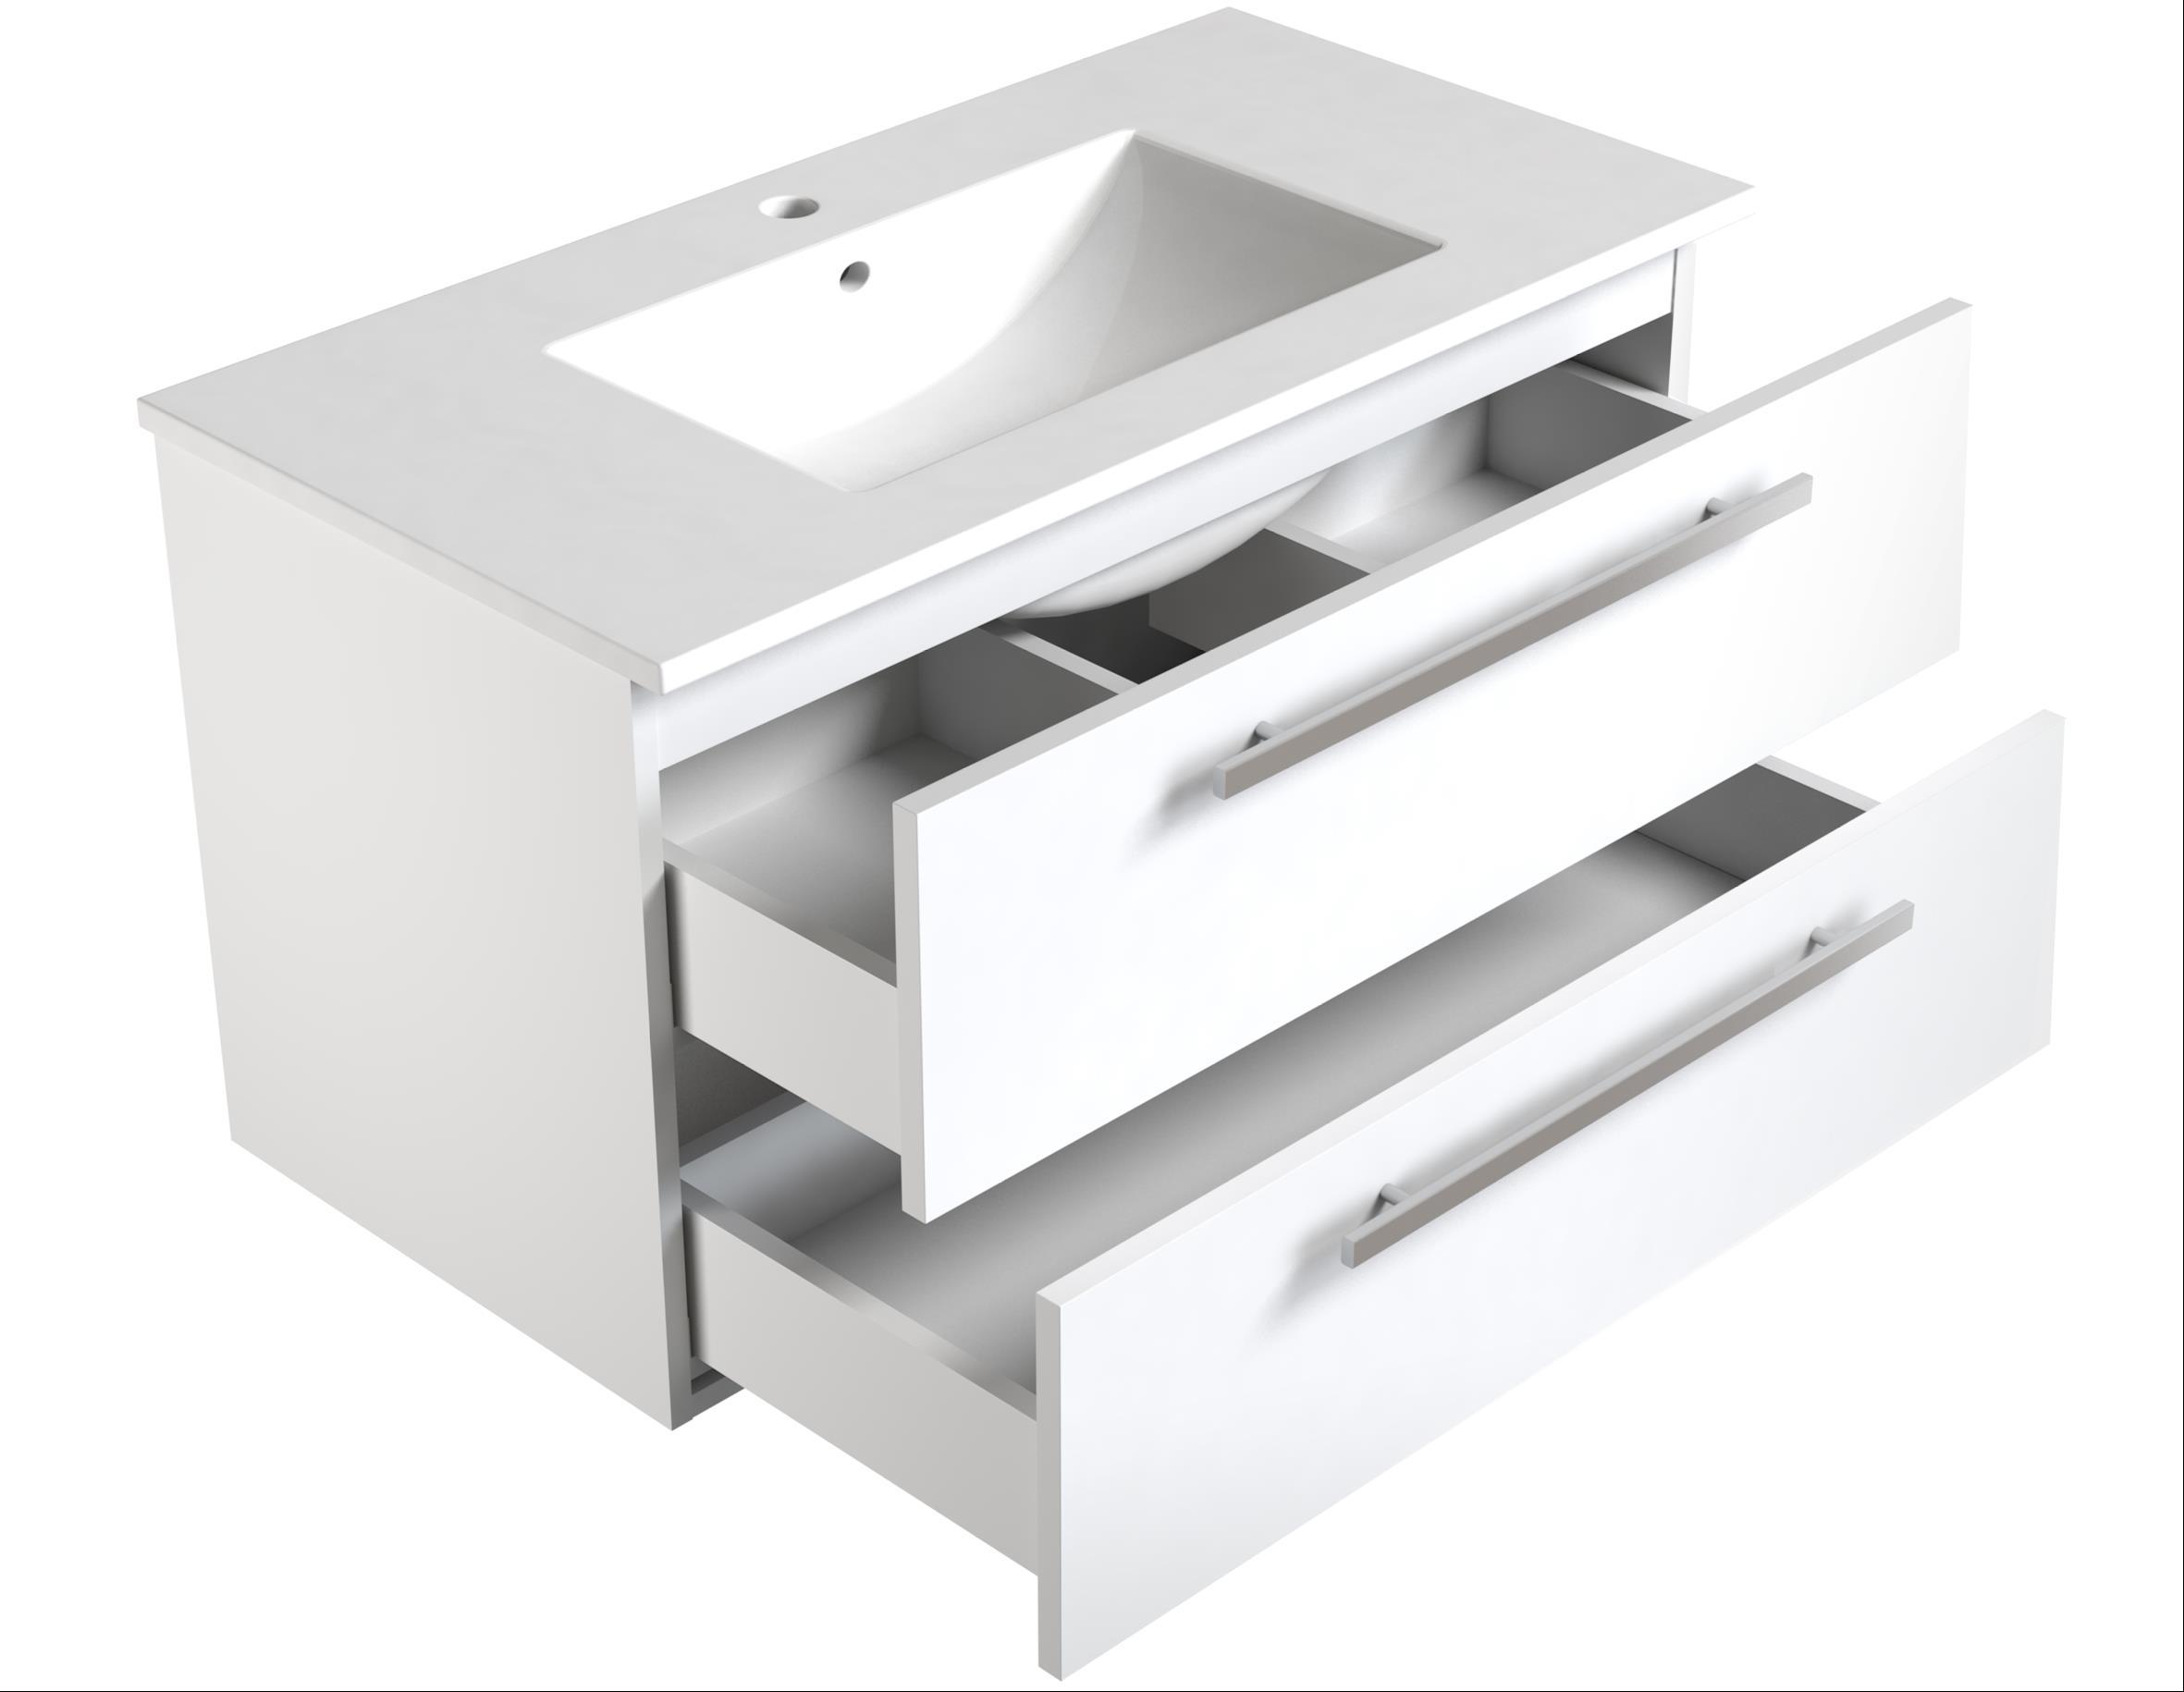 Bad Waschtischunterschrank mit Keramik-Waschtisch Luna 91 Weiß glänzend Bild 3